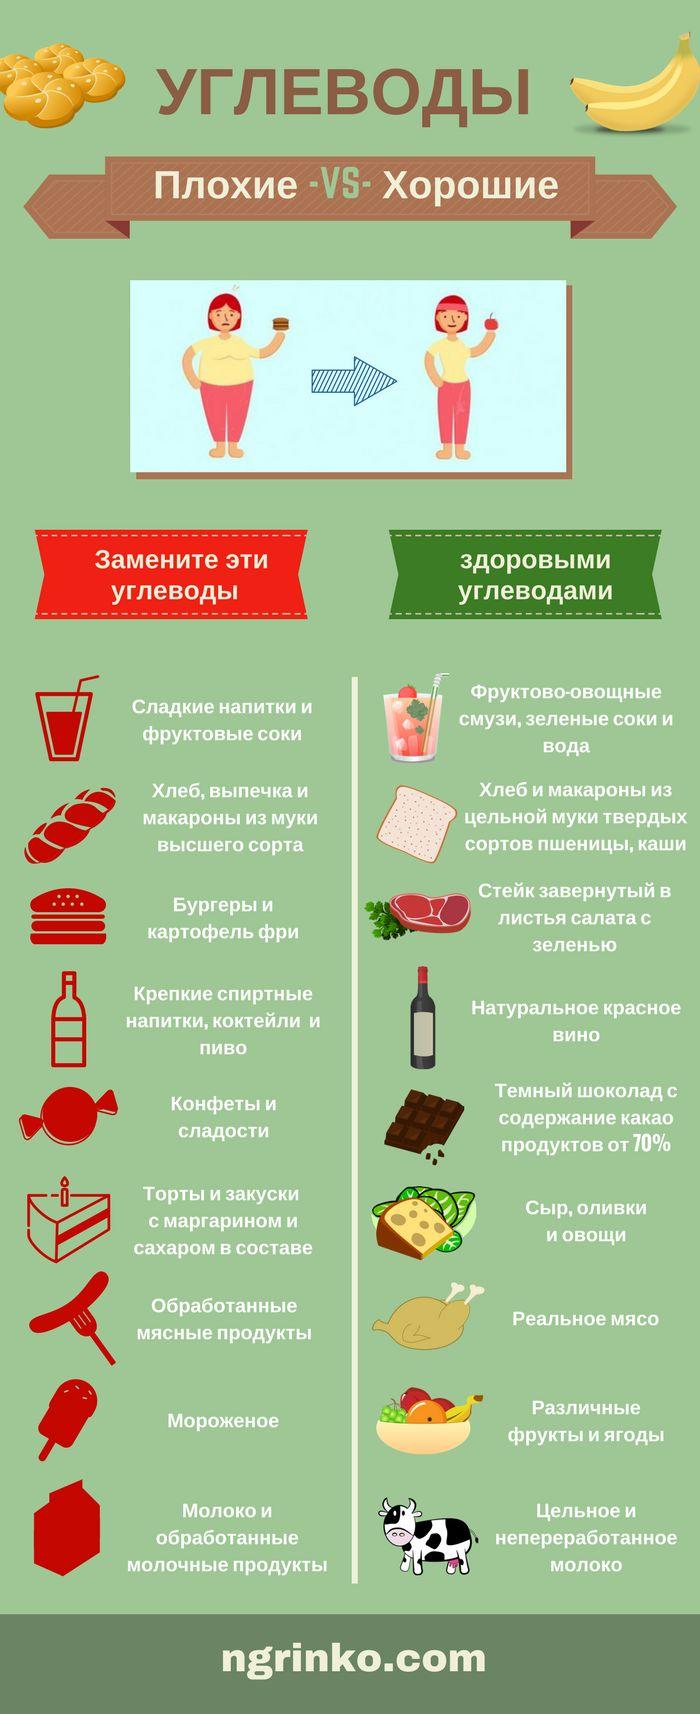 Какие Углеводы Нельзя Употреблять При Диете. Правильные углеводы помогут похудеть — список продуктов для похудения